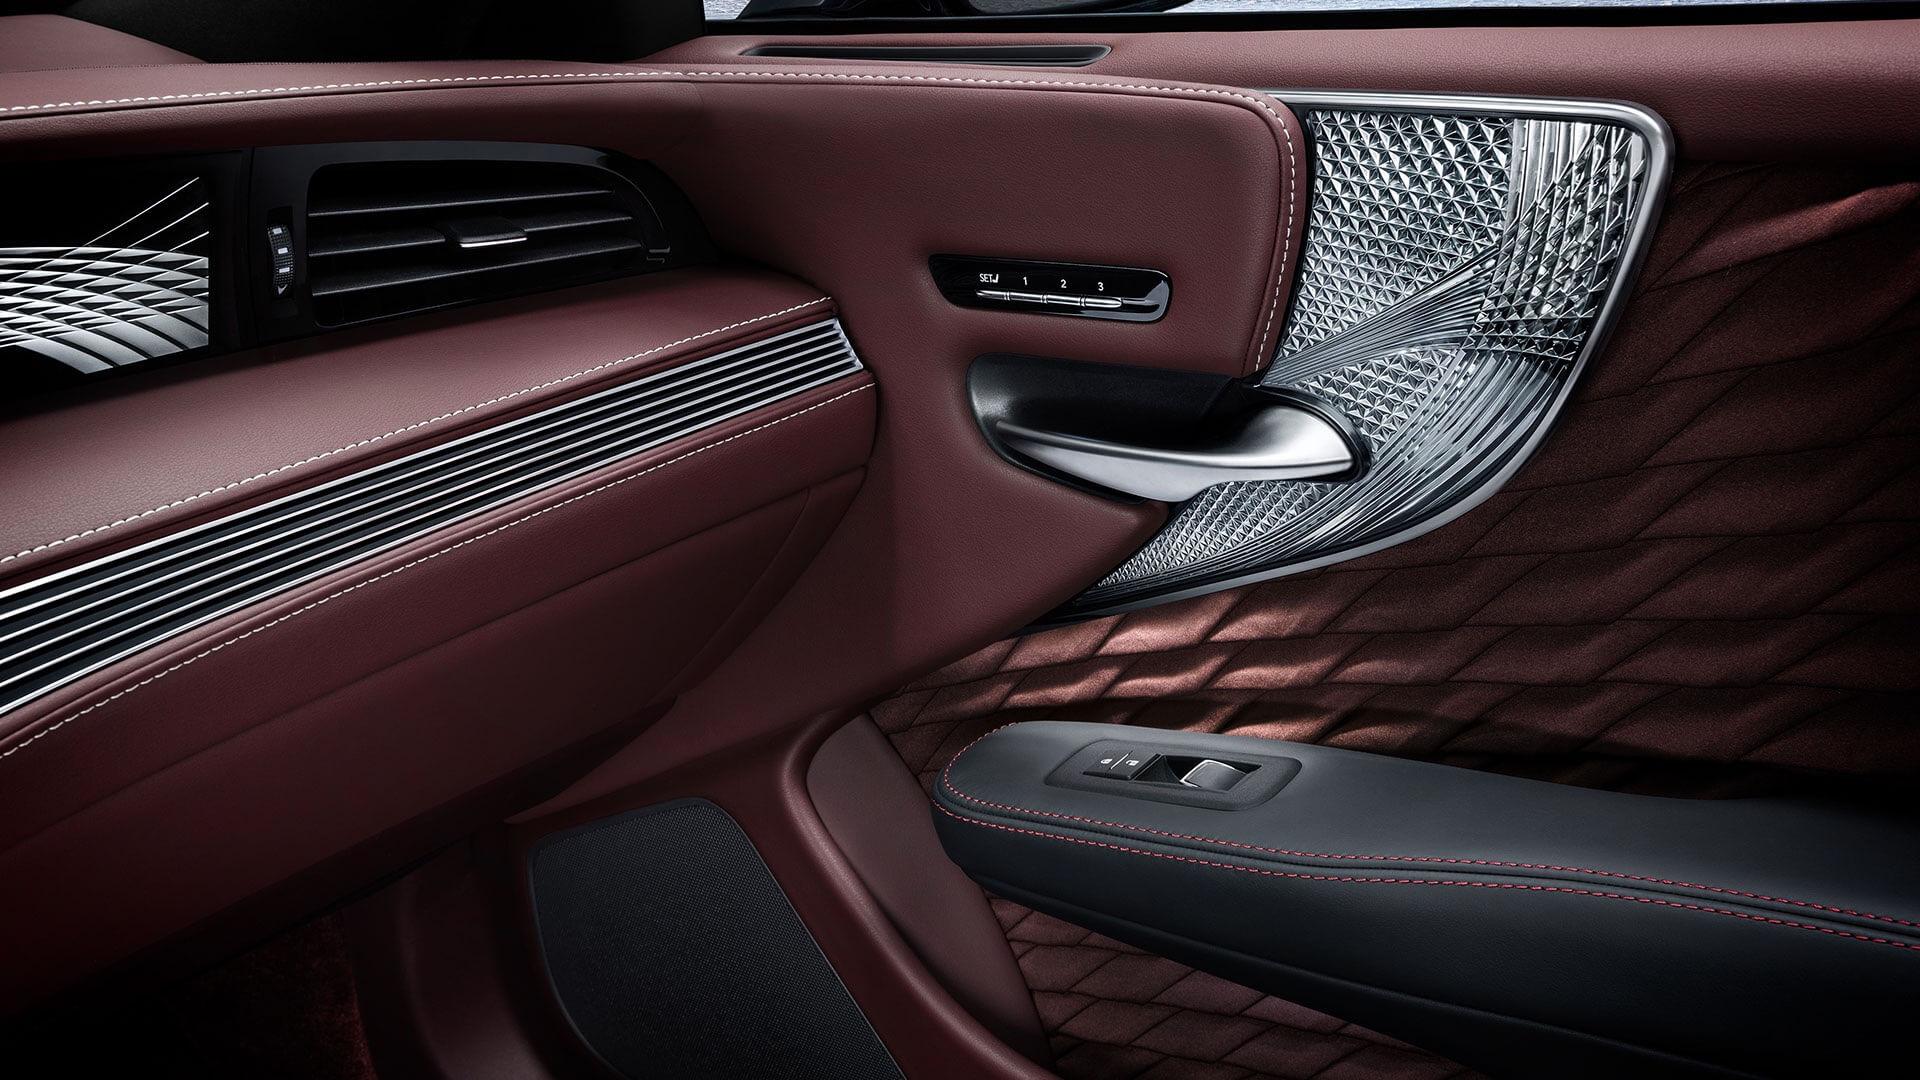 Lexus interiør laget av Takumier de beste håndverksmesterene